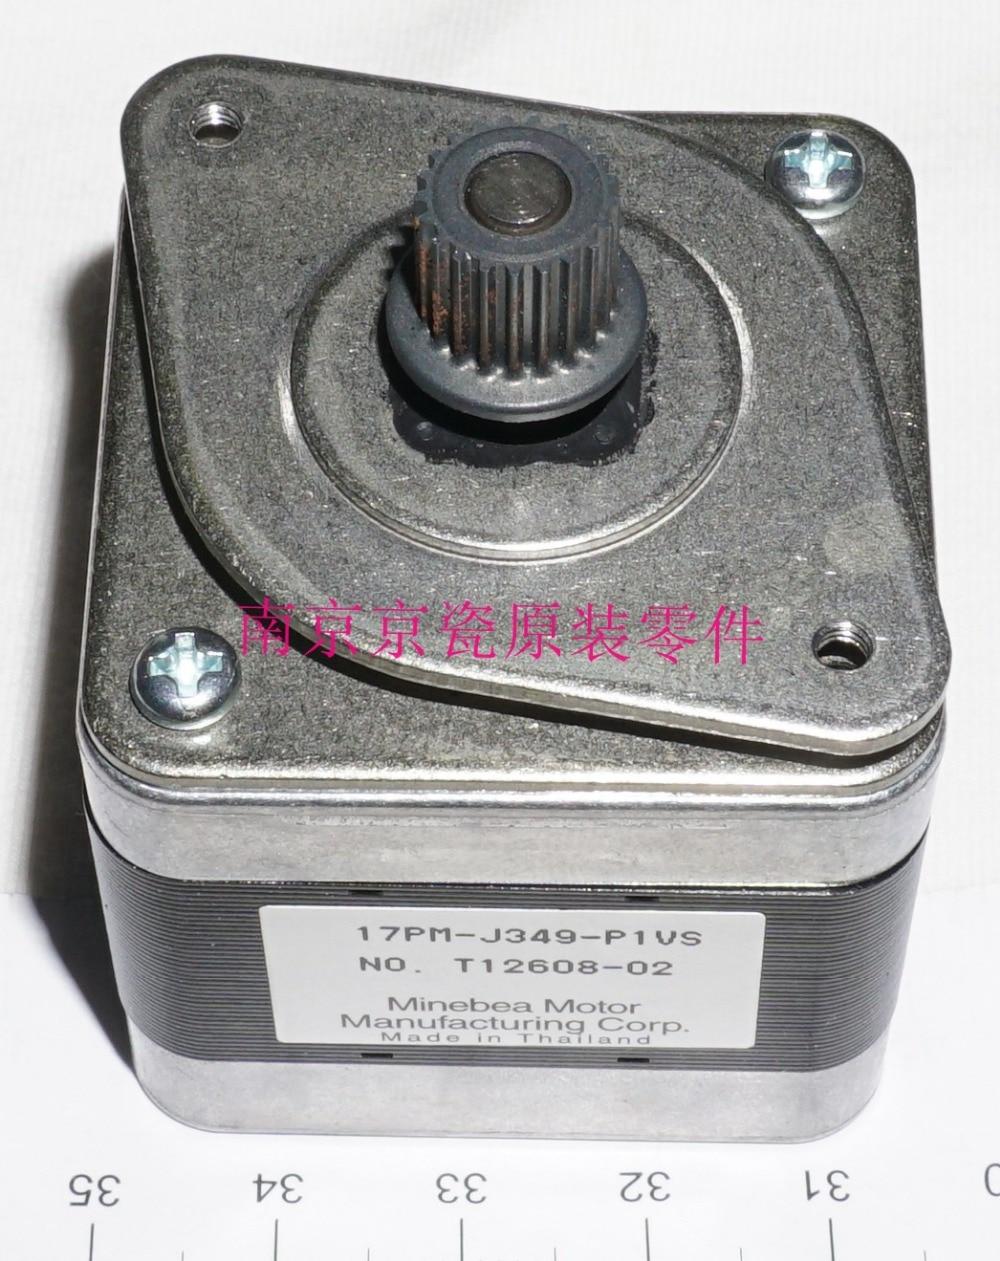 New Original Kyocera 303LL94130 MOTOR DP for:DP-750 760 770 TA420i 520i 3500i 4500i 5500i 3501i 4501i 5501i 10pcs new original stk433 760